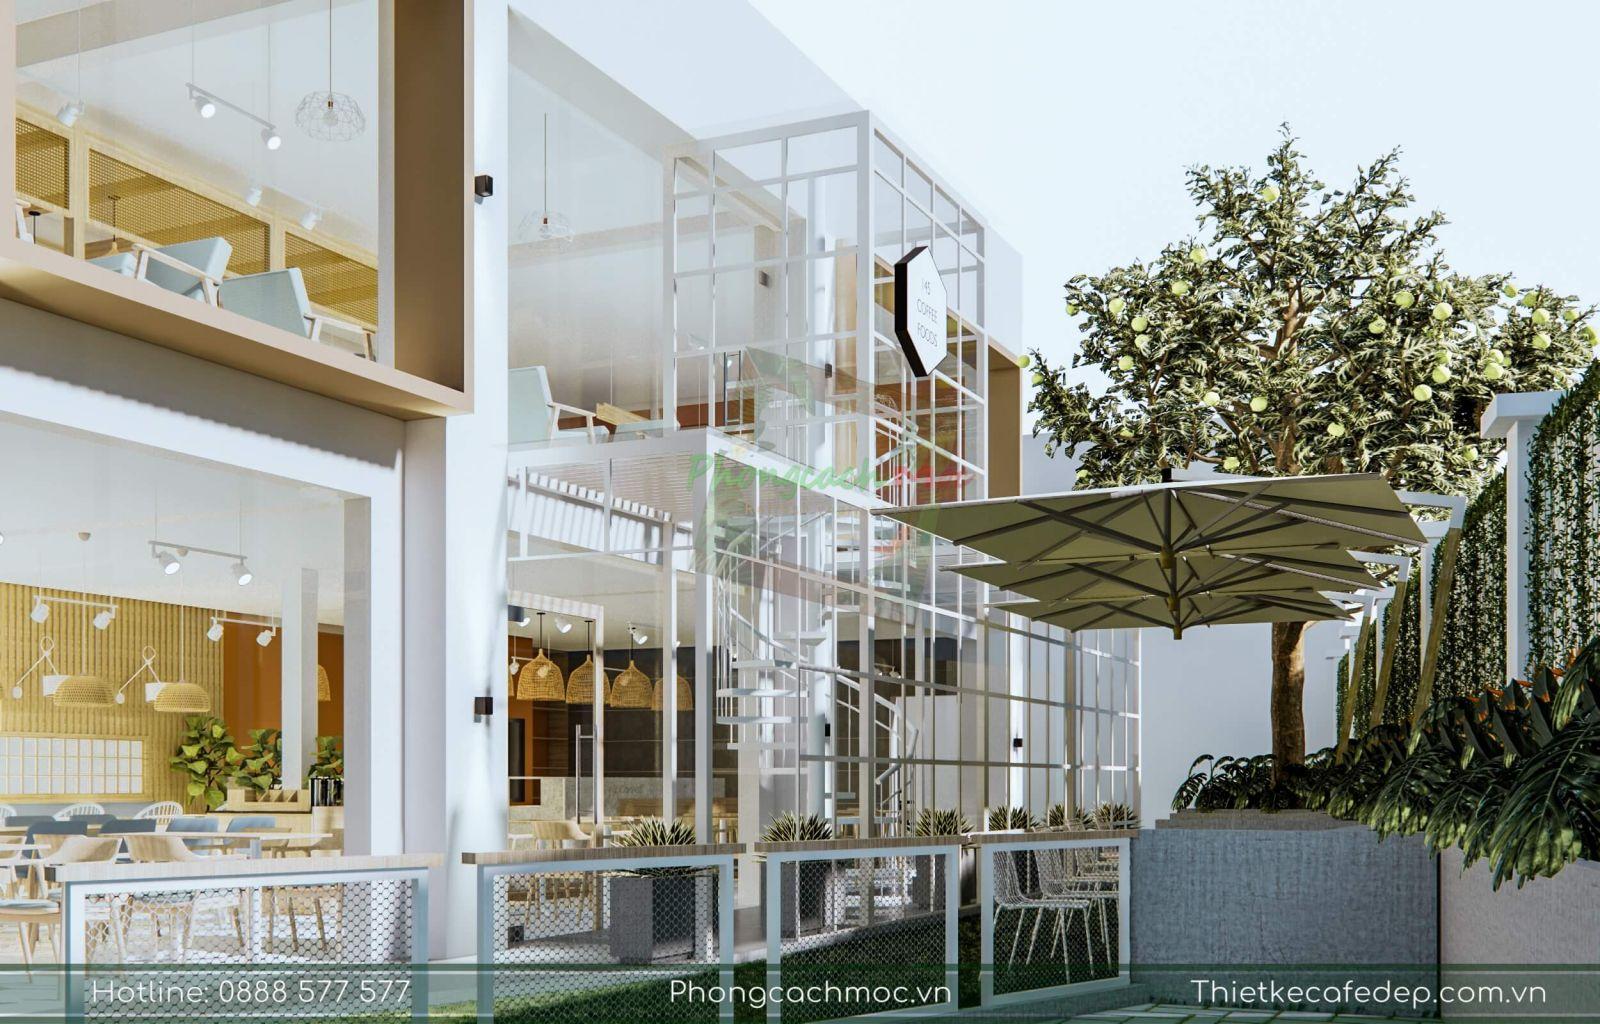 mẫu thiết kế quán cafe hiện đại 2 tầng